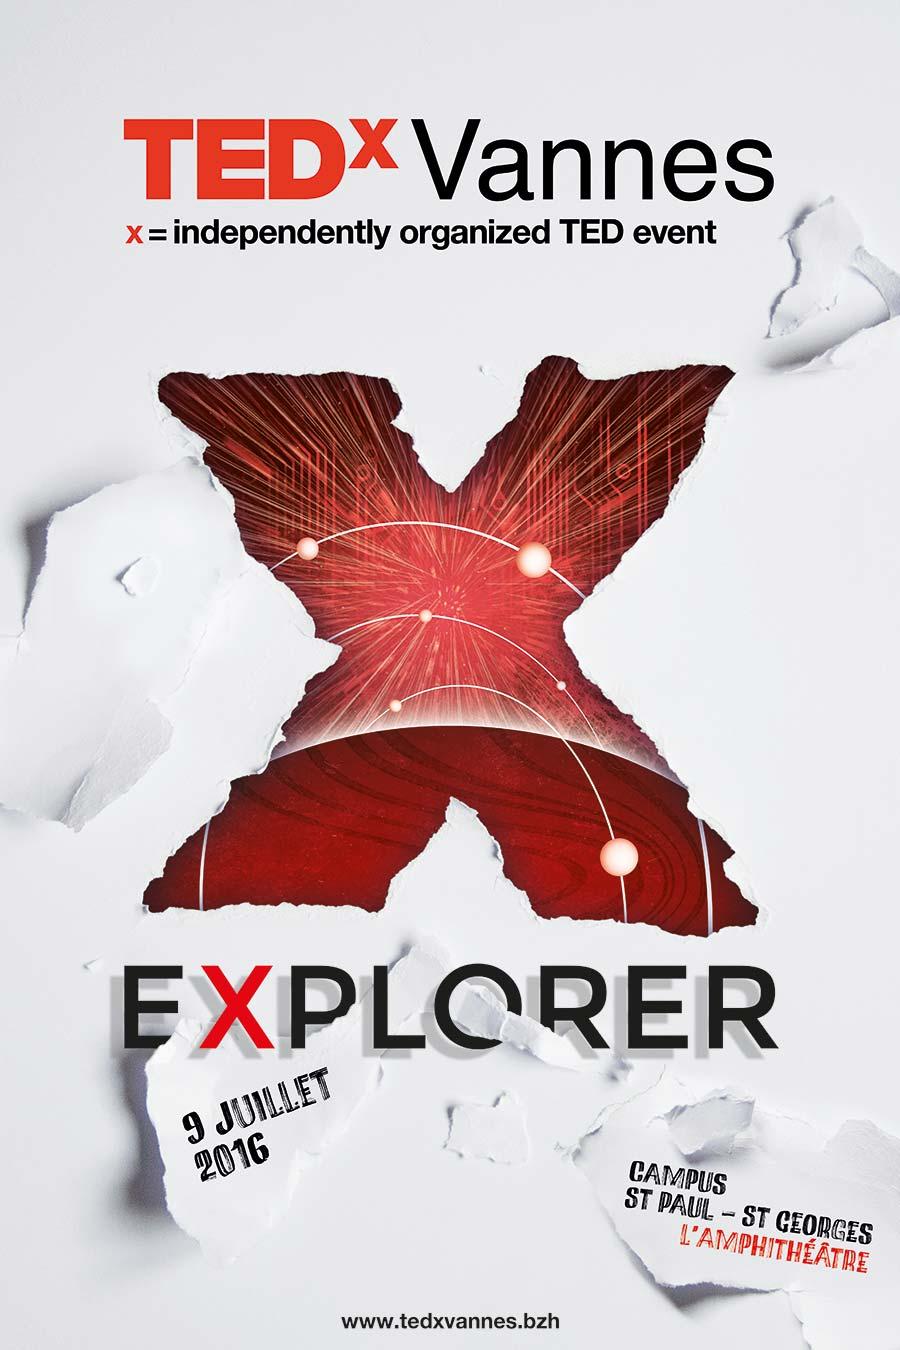 Affiche Tedx Vannes 2016